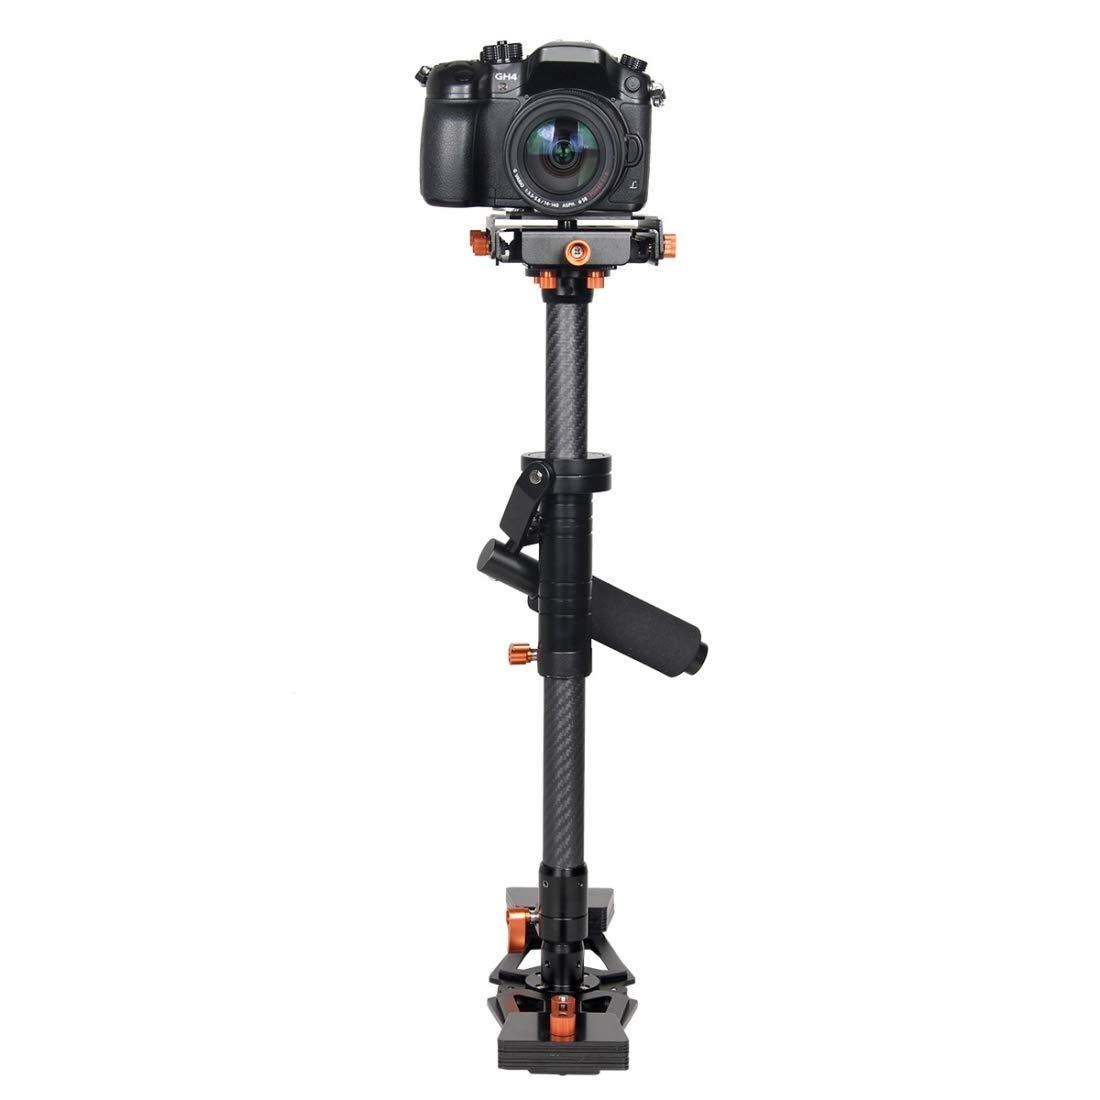 Guangheyuan S800 プロフェッショナル カーボンファイバー ハンドヘルド スタビライザー DSLR/DV デジタルビデオ その他カメラ用   B07NY7RF92